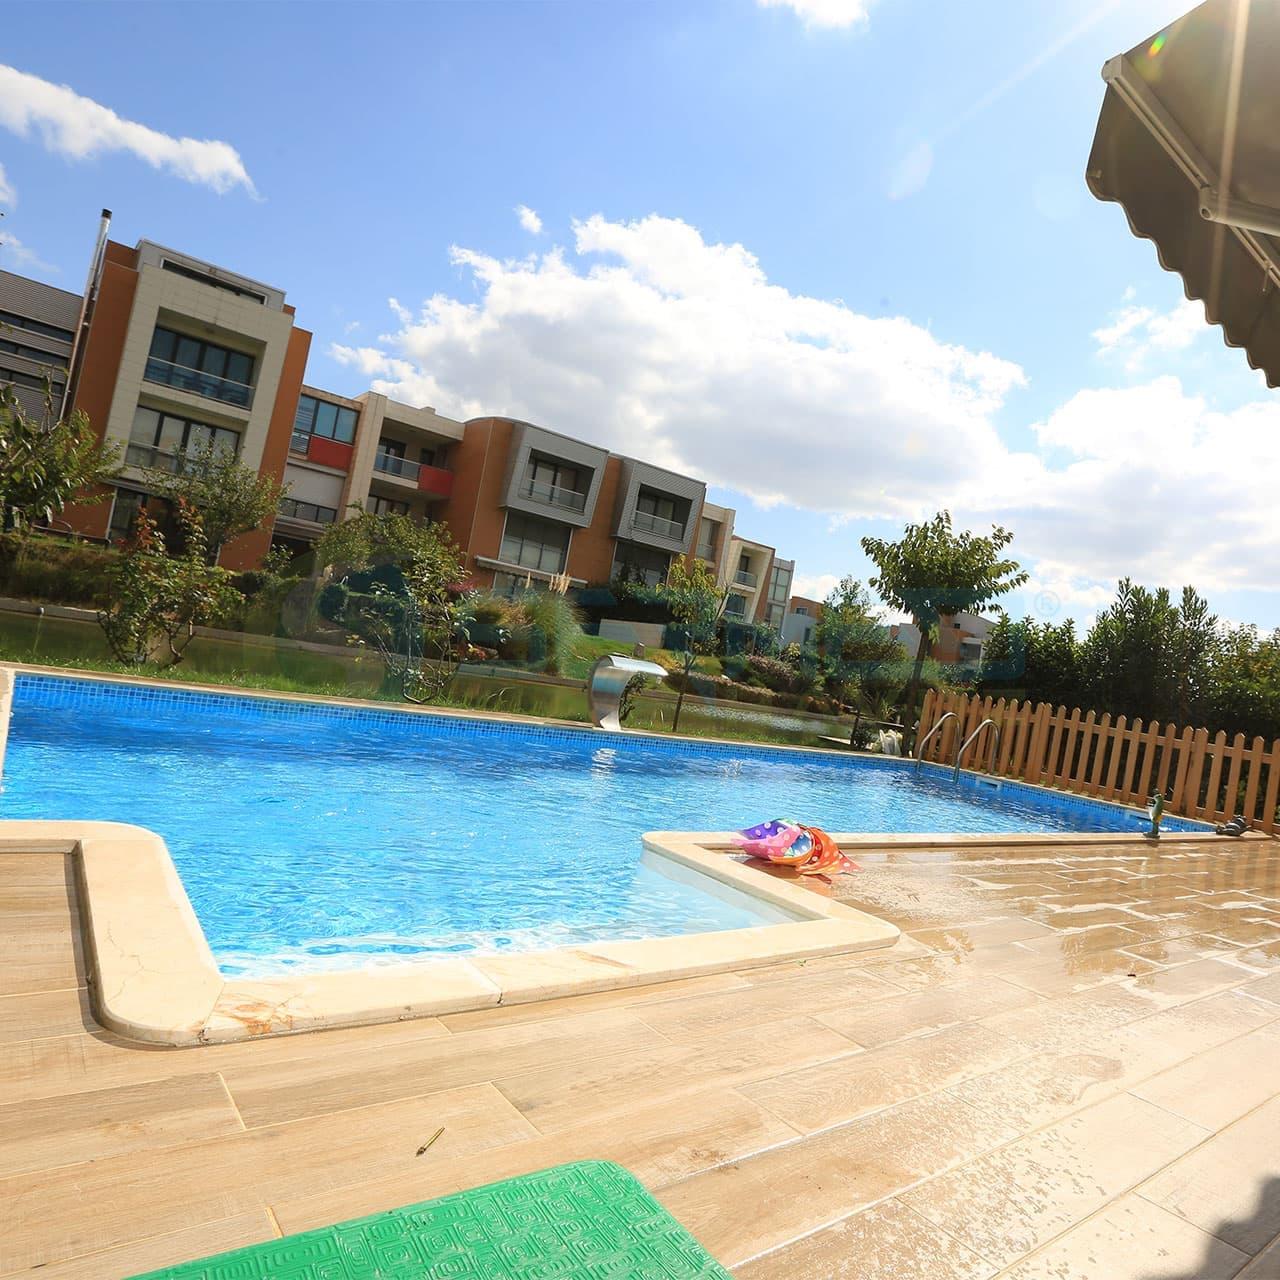 İstanbul Lagün Fipool Plus Havuz Sermed Havuz Firması tarafından yapıldı.